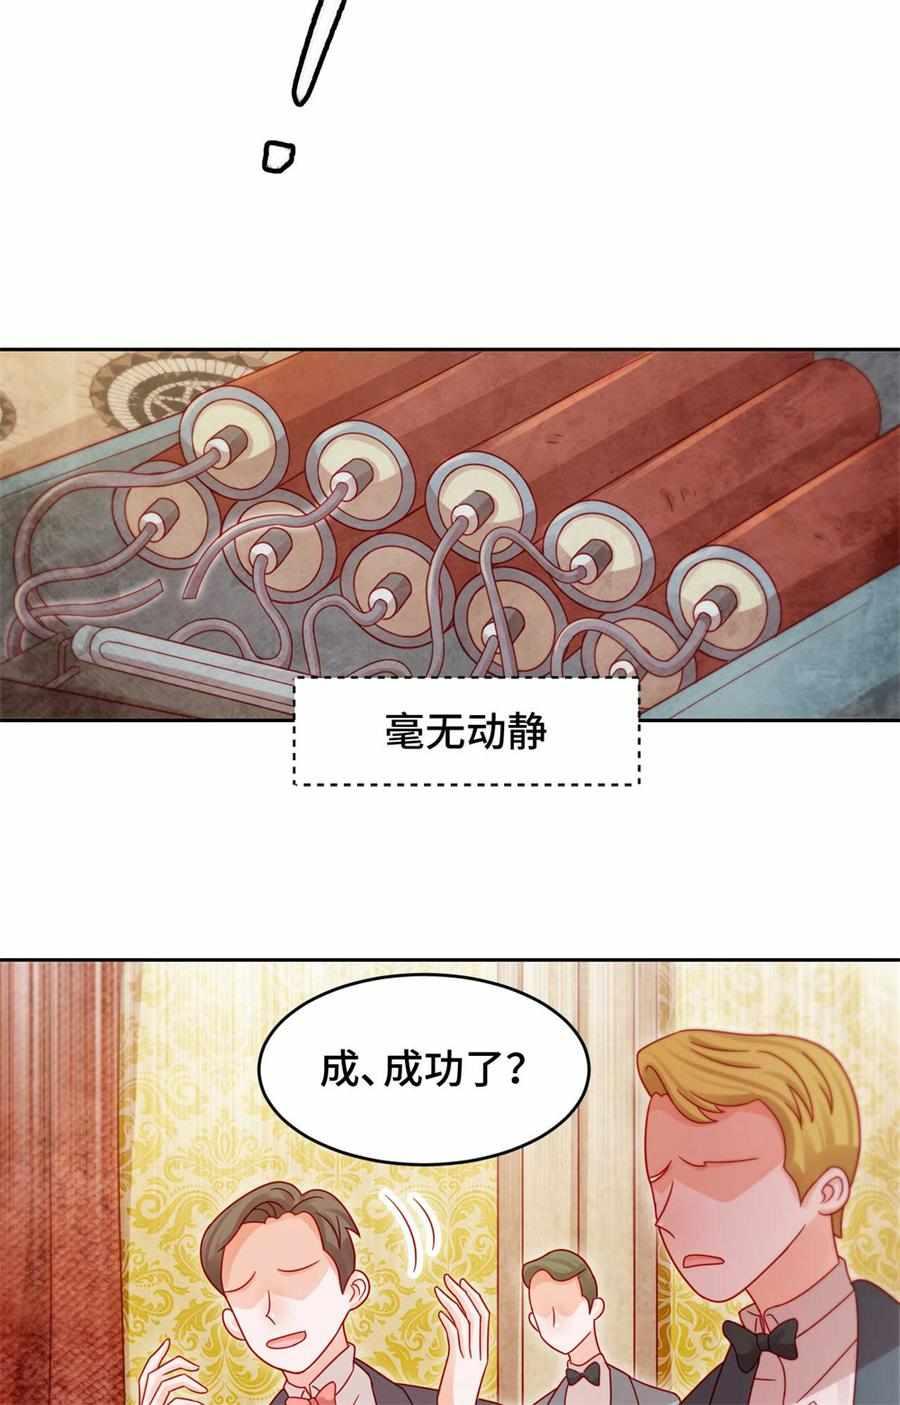 云想之歌-笼中之恋第30话  第三十话 逃离 第 3